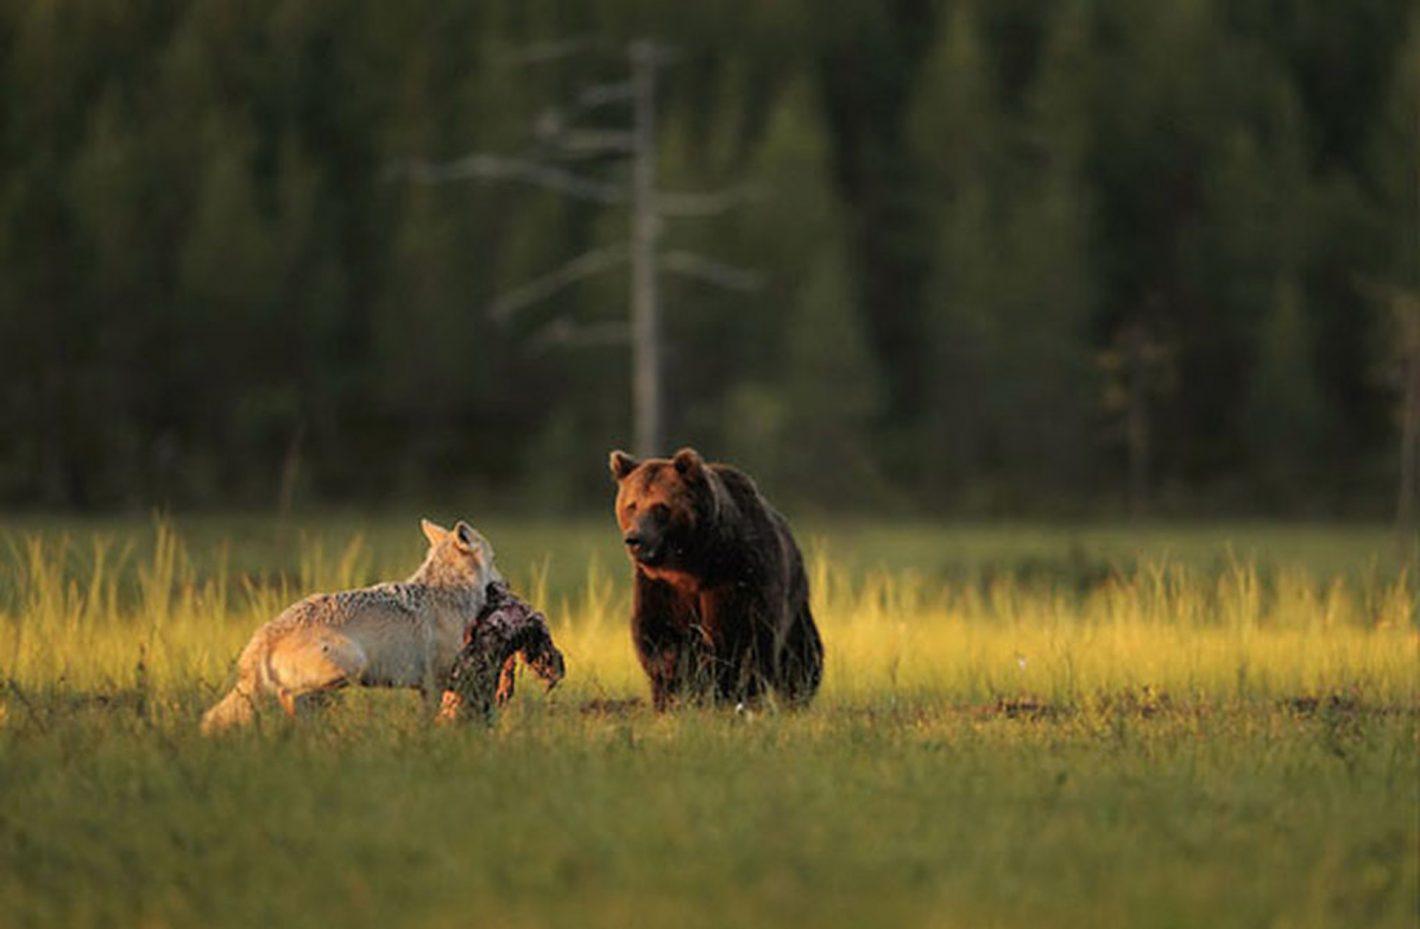 Chaque soir après une dure journée de chasse, on peut observer ce duo d'amis improbables en train de partager un dîner romantique autour d'une carcasse de chevreuil alors que le soleil se couche sur leur demeure sauvage. ©Lassi Rautiainen